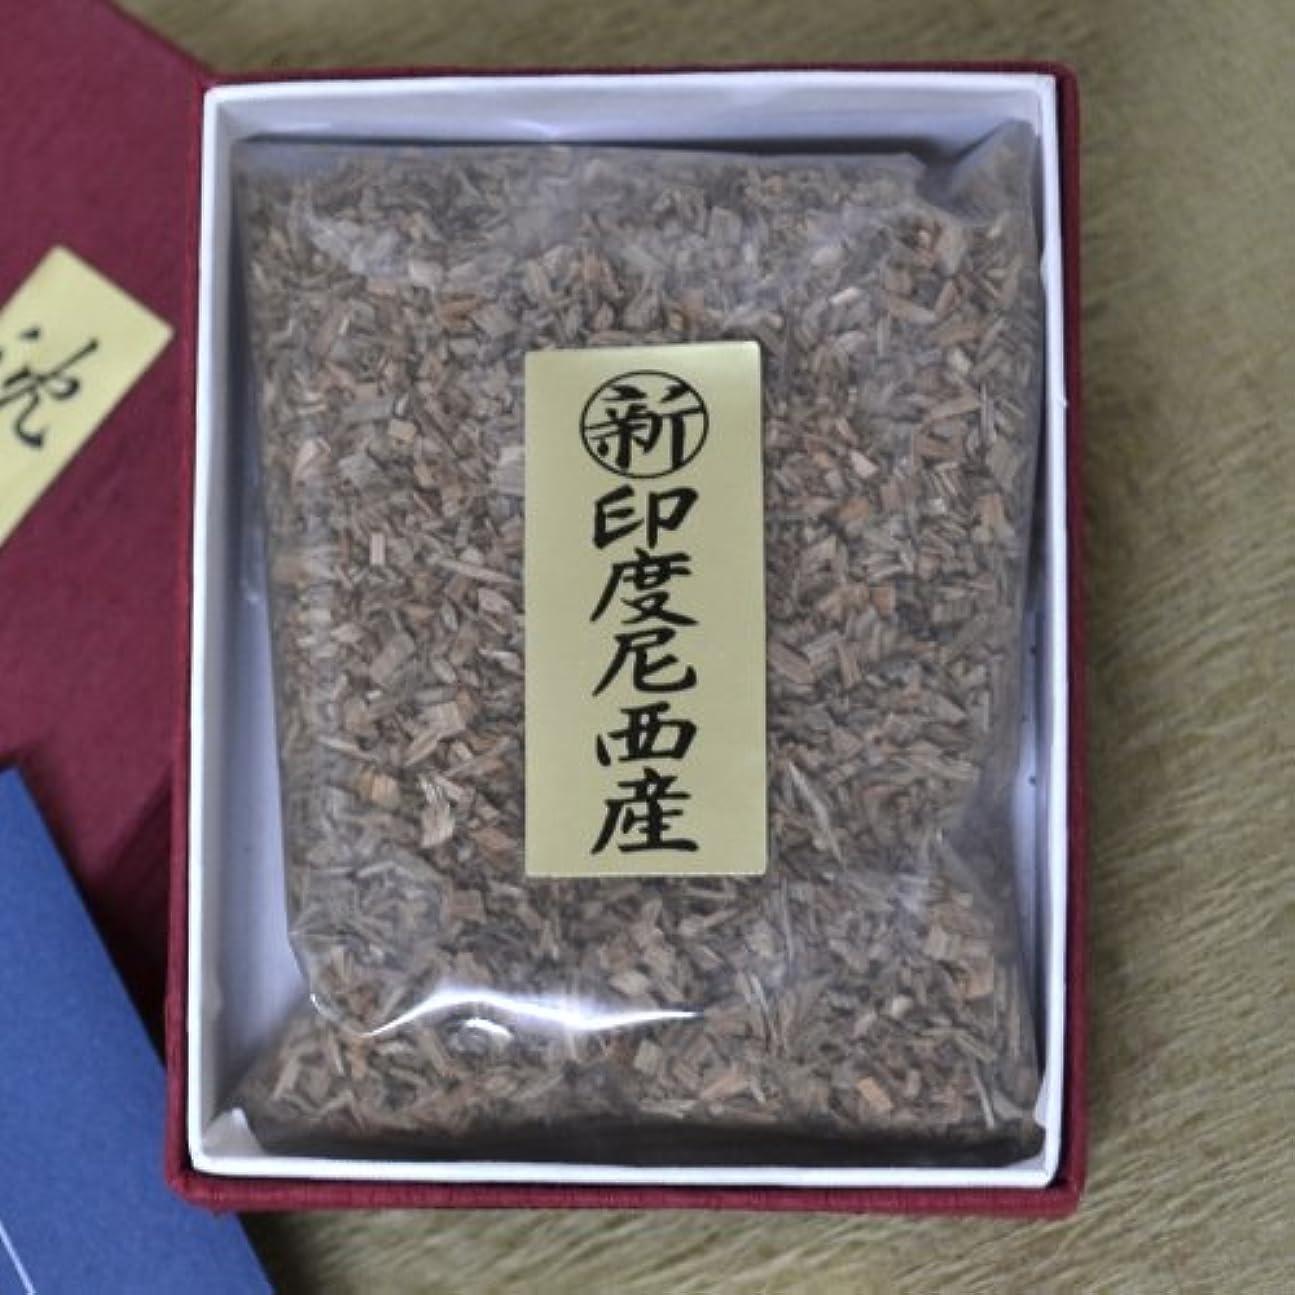 まっすぐアジア摂氏度香木 お焼香 新インドネシア産 沈香 【最高級品】 18g